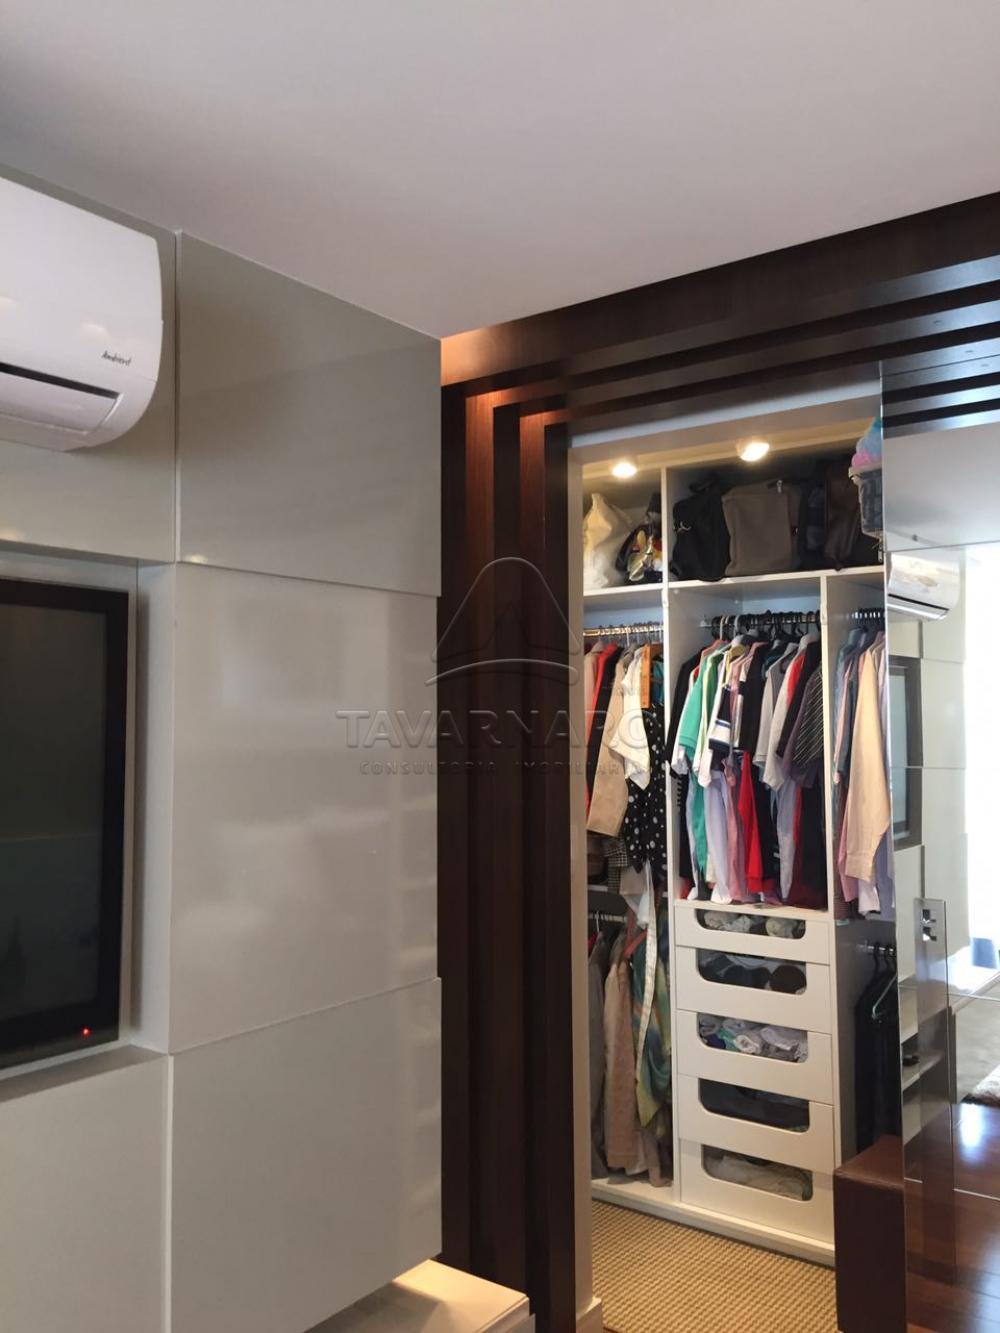 Comprar Apartamento / Padrão em Ponta Grossa apenas R$ 795.000,00 - Foto 7